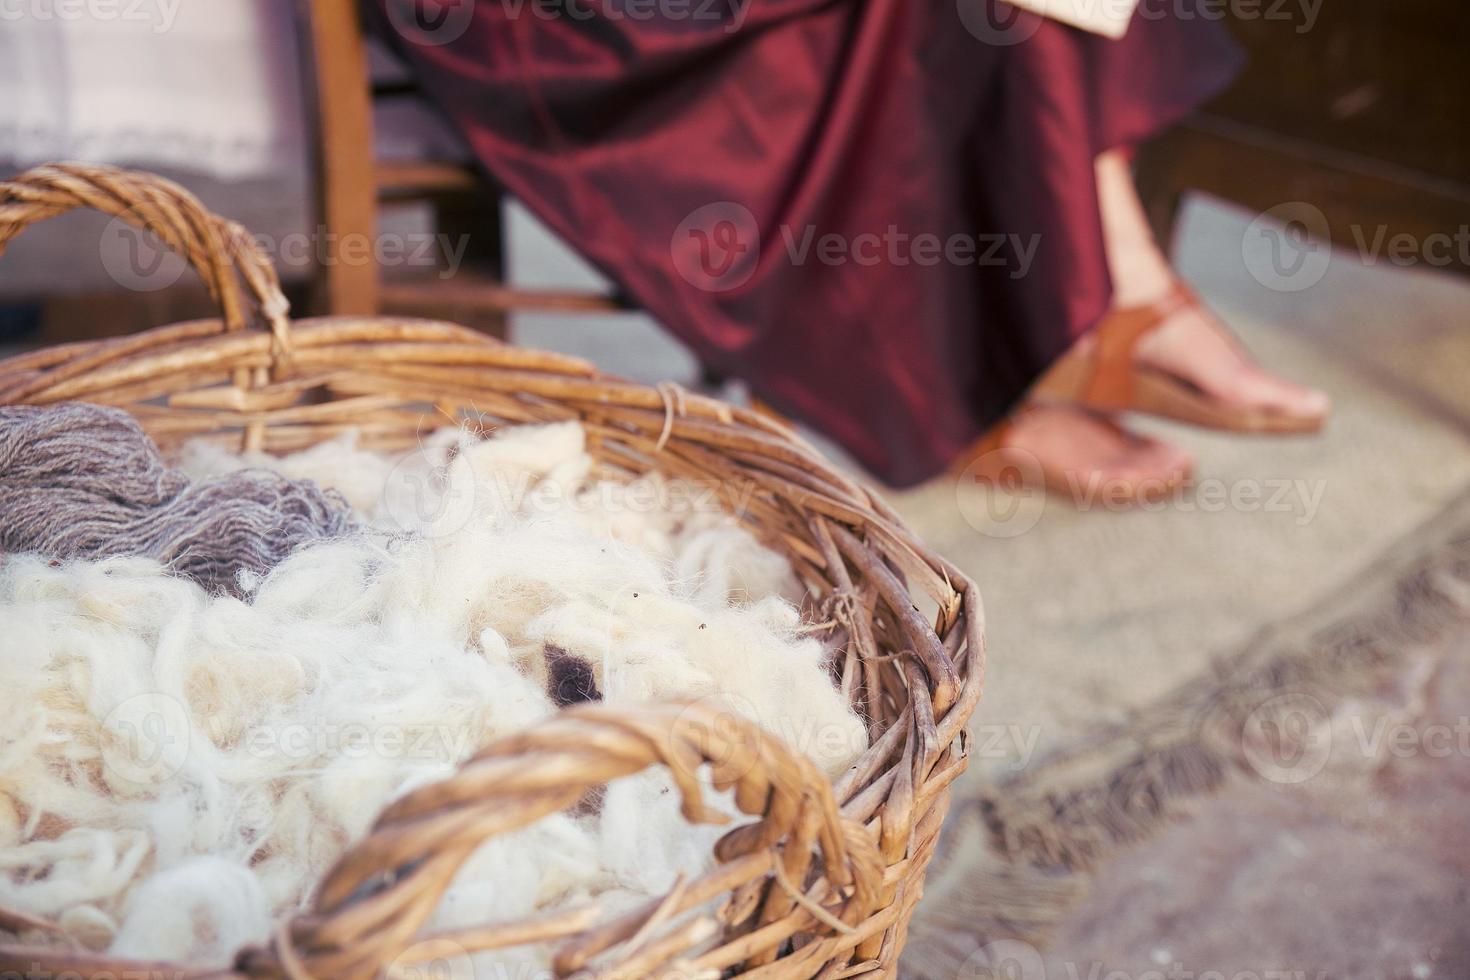 matasse di lana in un cesto pronto per essere filato foto